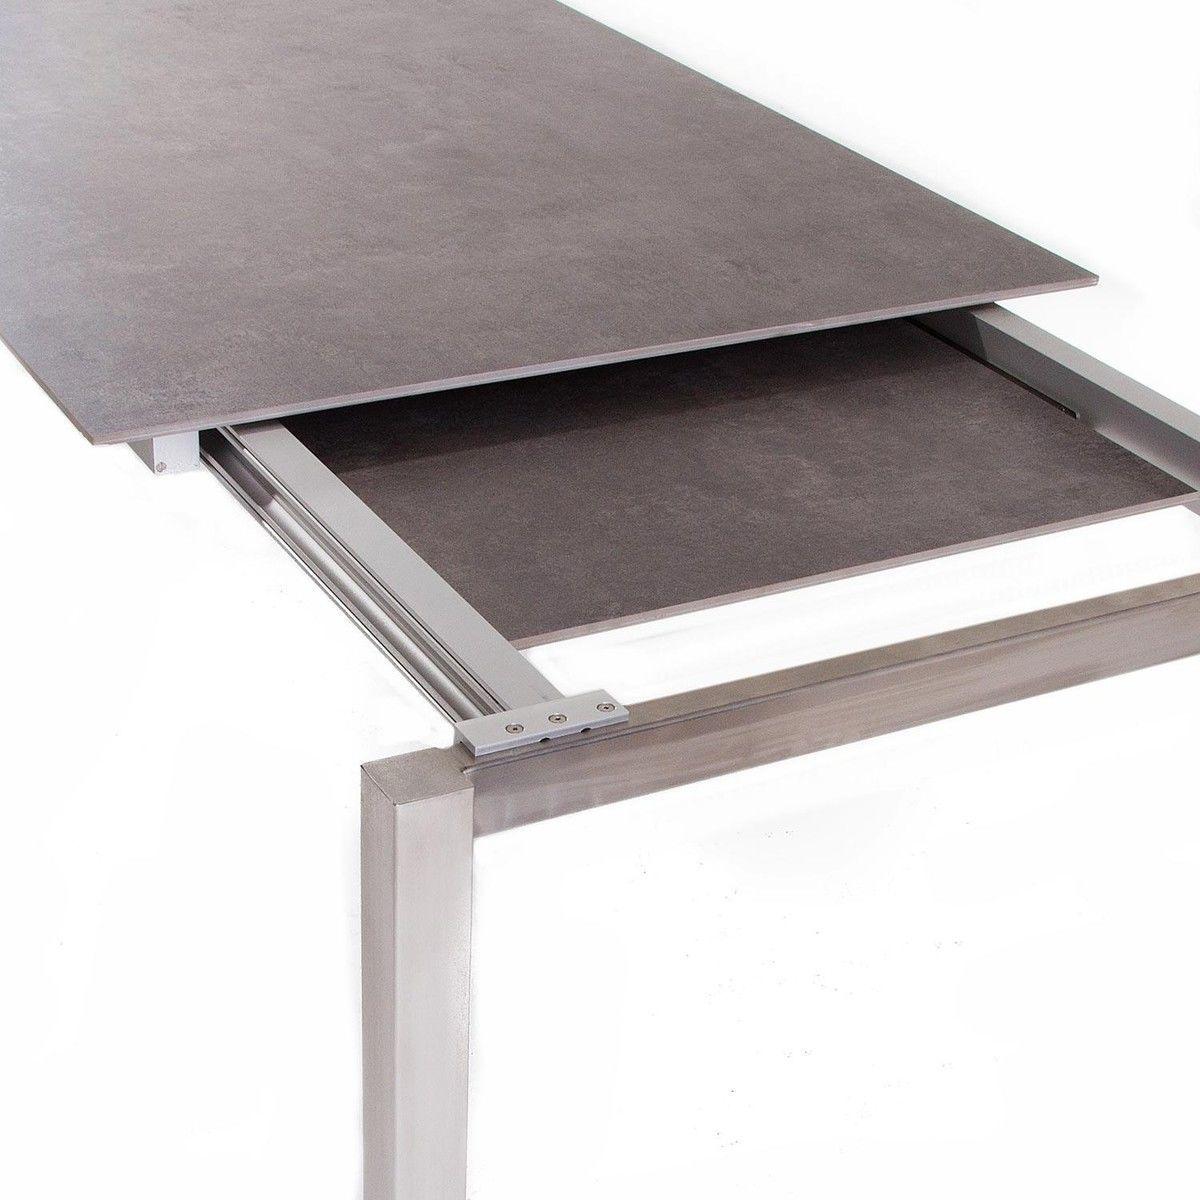 Gartentisch ausziehbar  Lux Excell Keramik-Gartentisch ausziehbar | Jan Kurtz ...